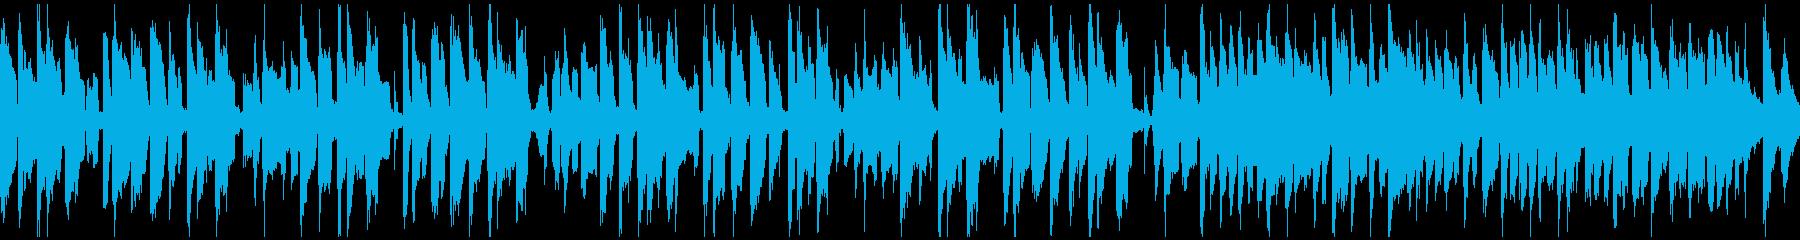 リコーダー、ゆるいコメディ劇伴※ループ版の再生済みの波形